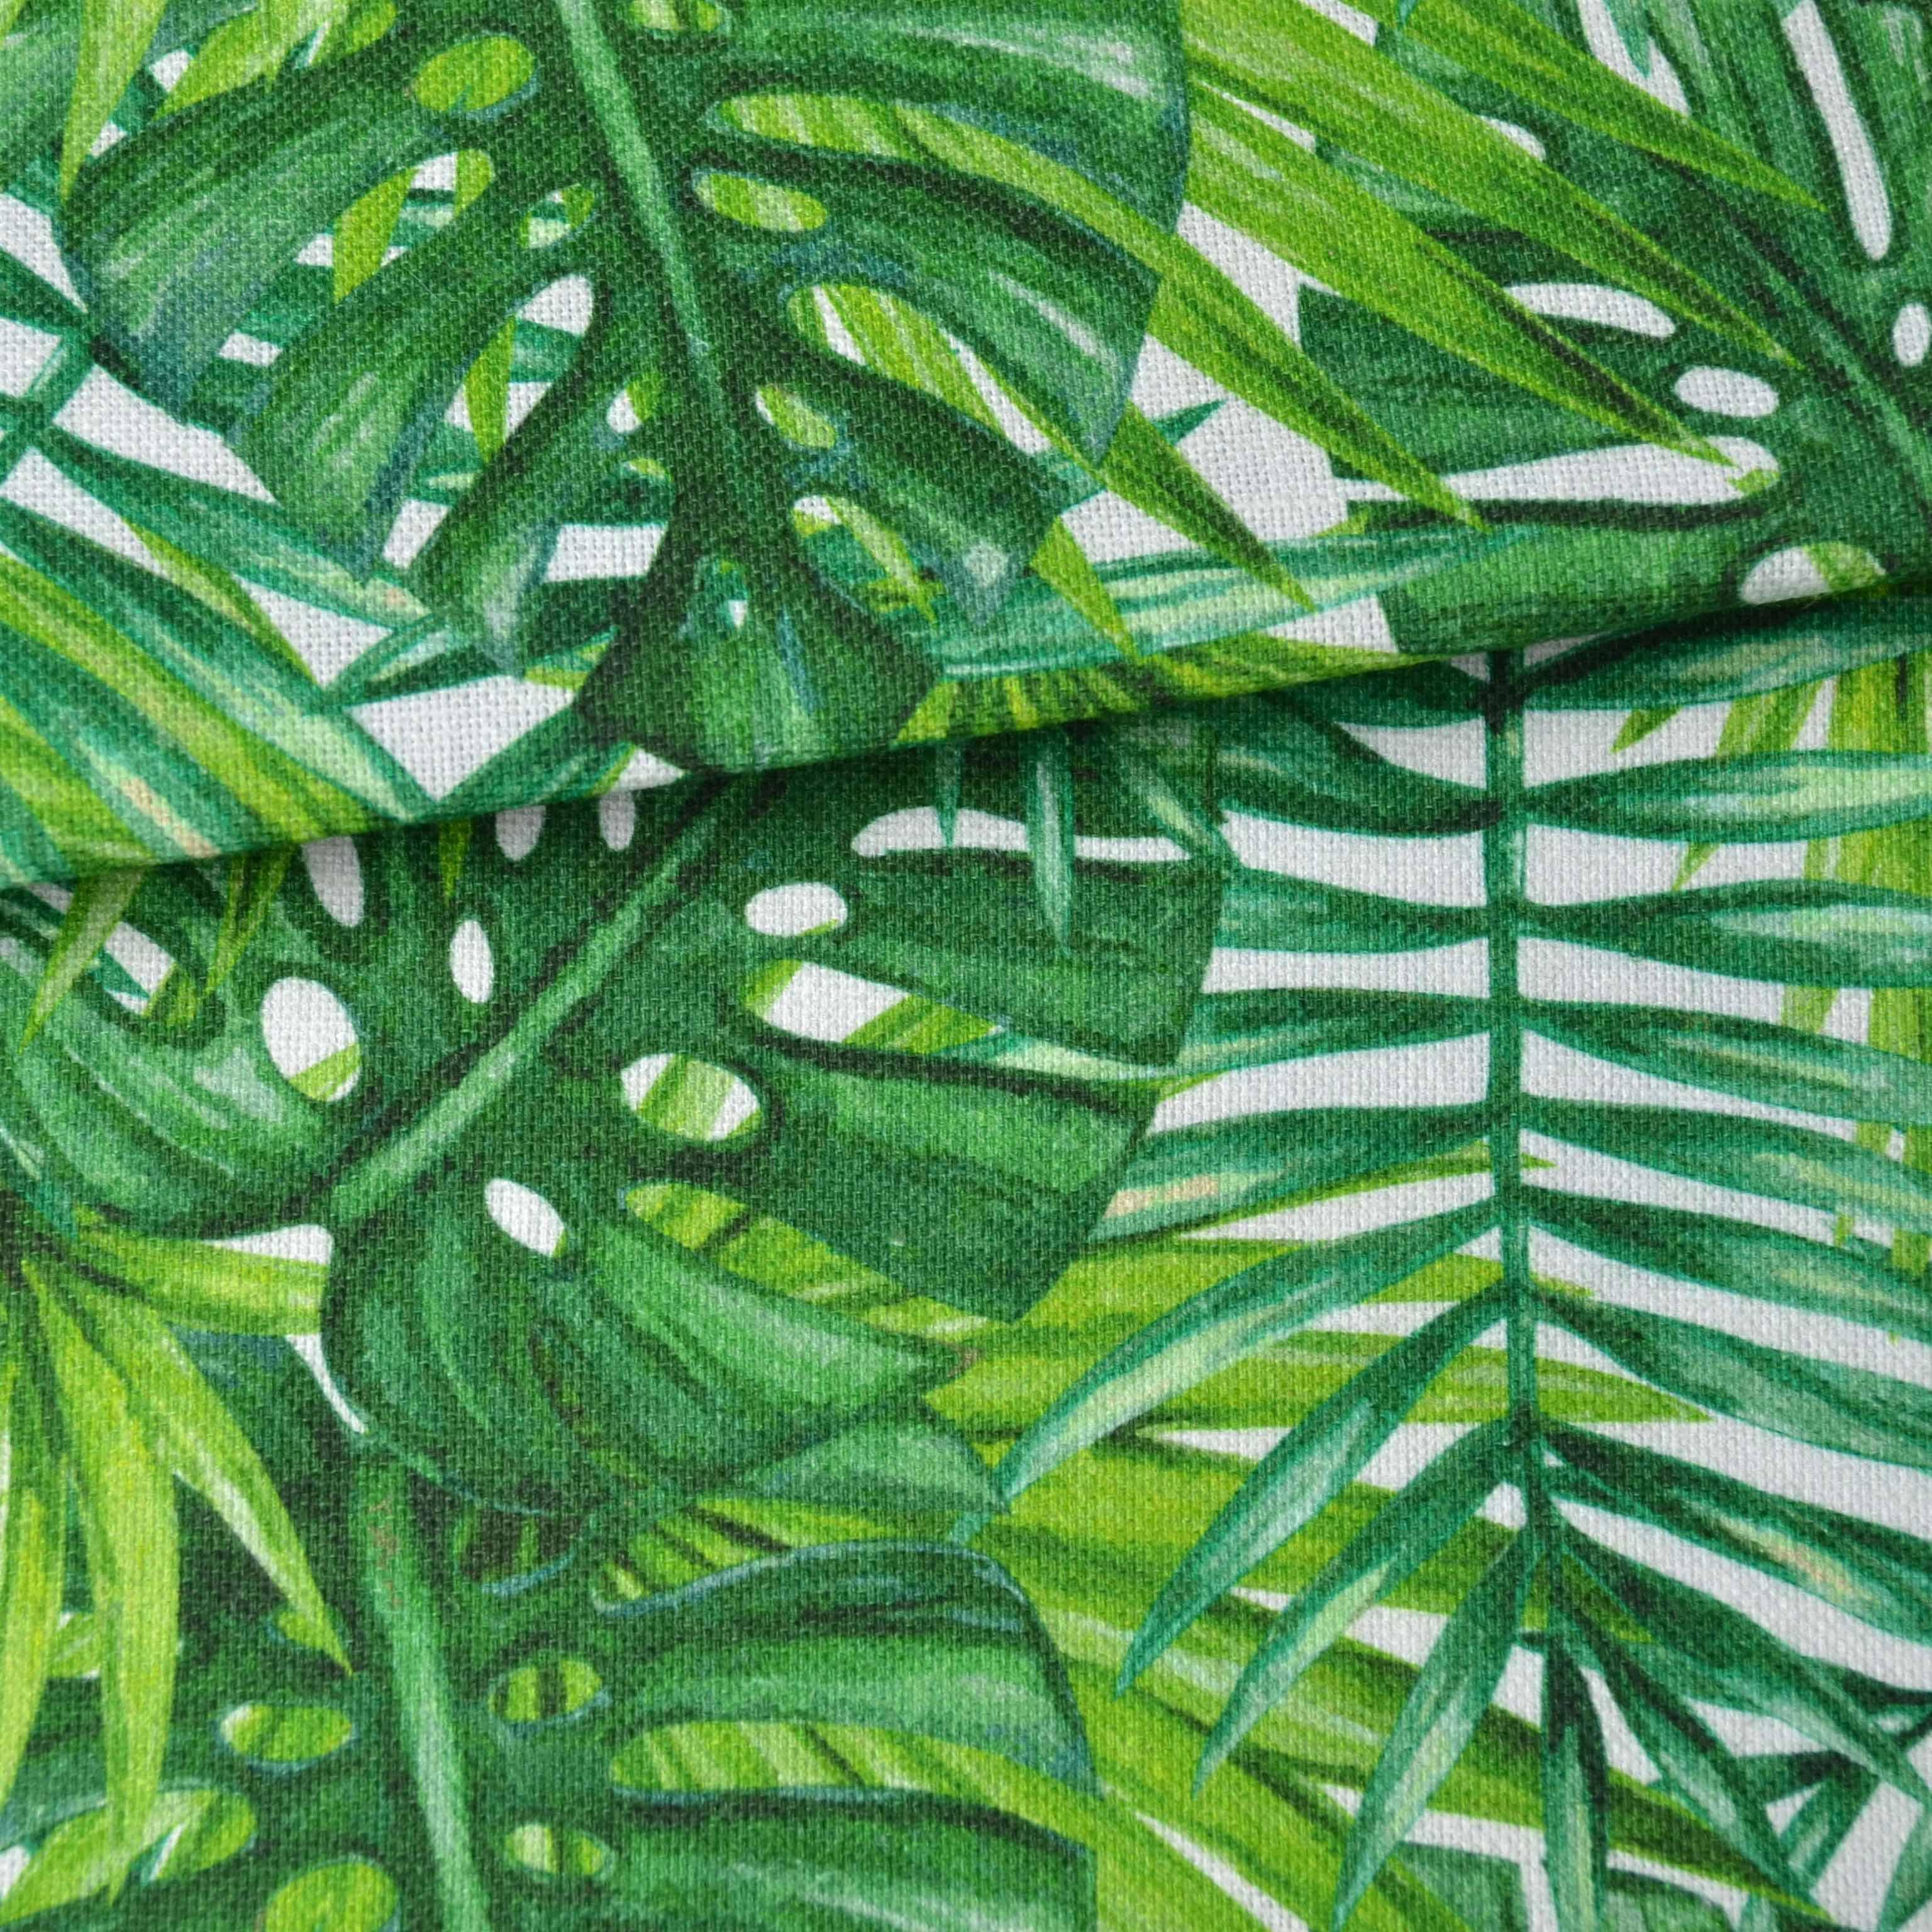 tessuto-di-cotone-decorativo-premium-foglie-tropicali-old-230g